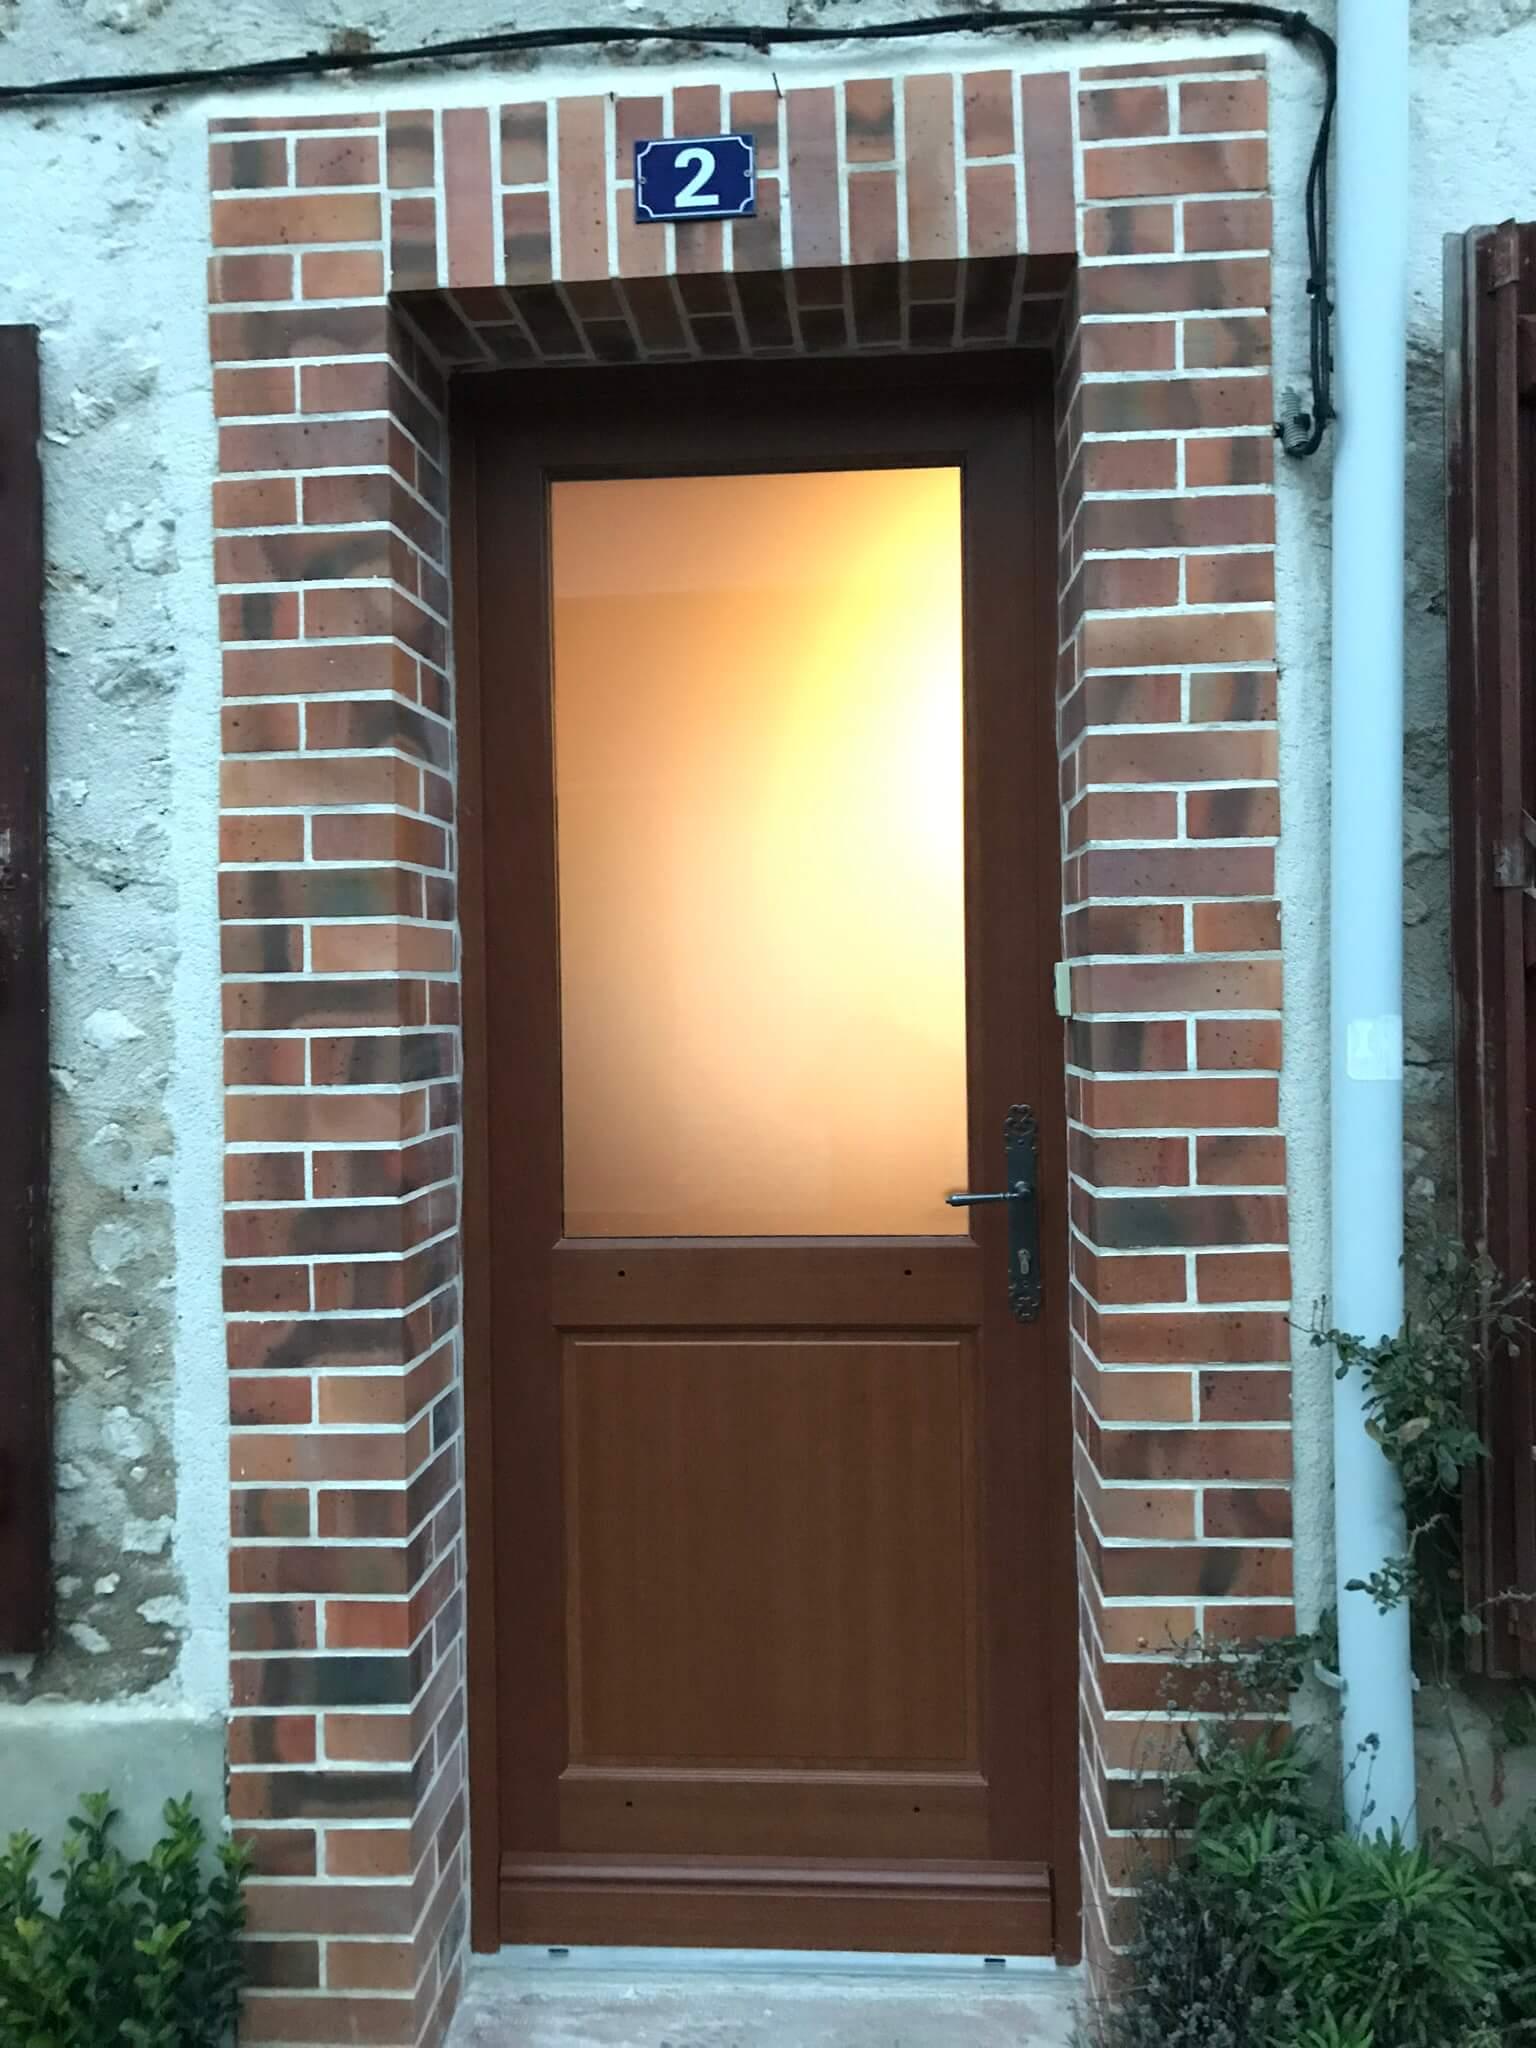 Porte D Entrée Rouge pose d'une porte d'entrée en bois exotique rouge avec un